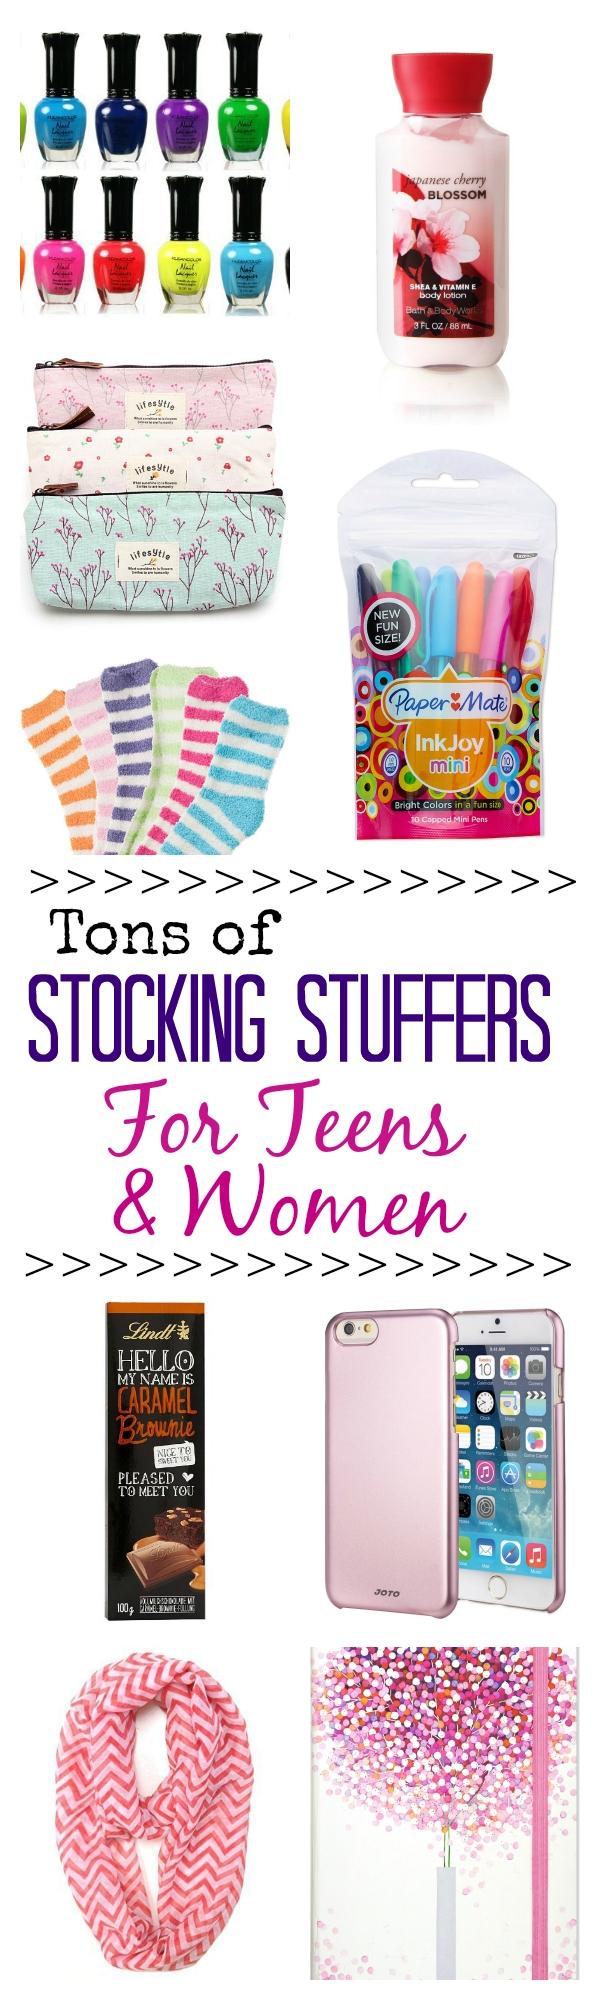 10 Stunning Stocking Stuffer Ideas For Women huge stocking stuffer ideas list cadeau idees cadeaux et liste de 2021